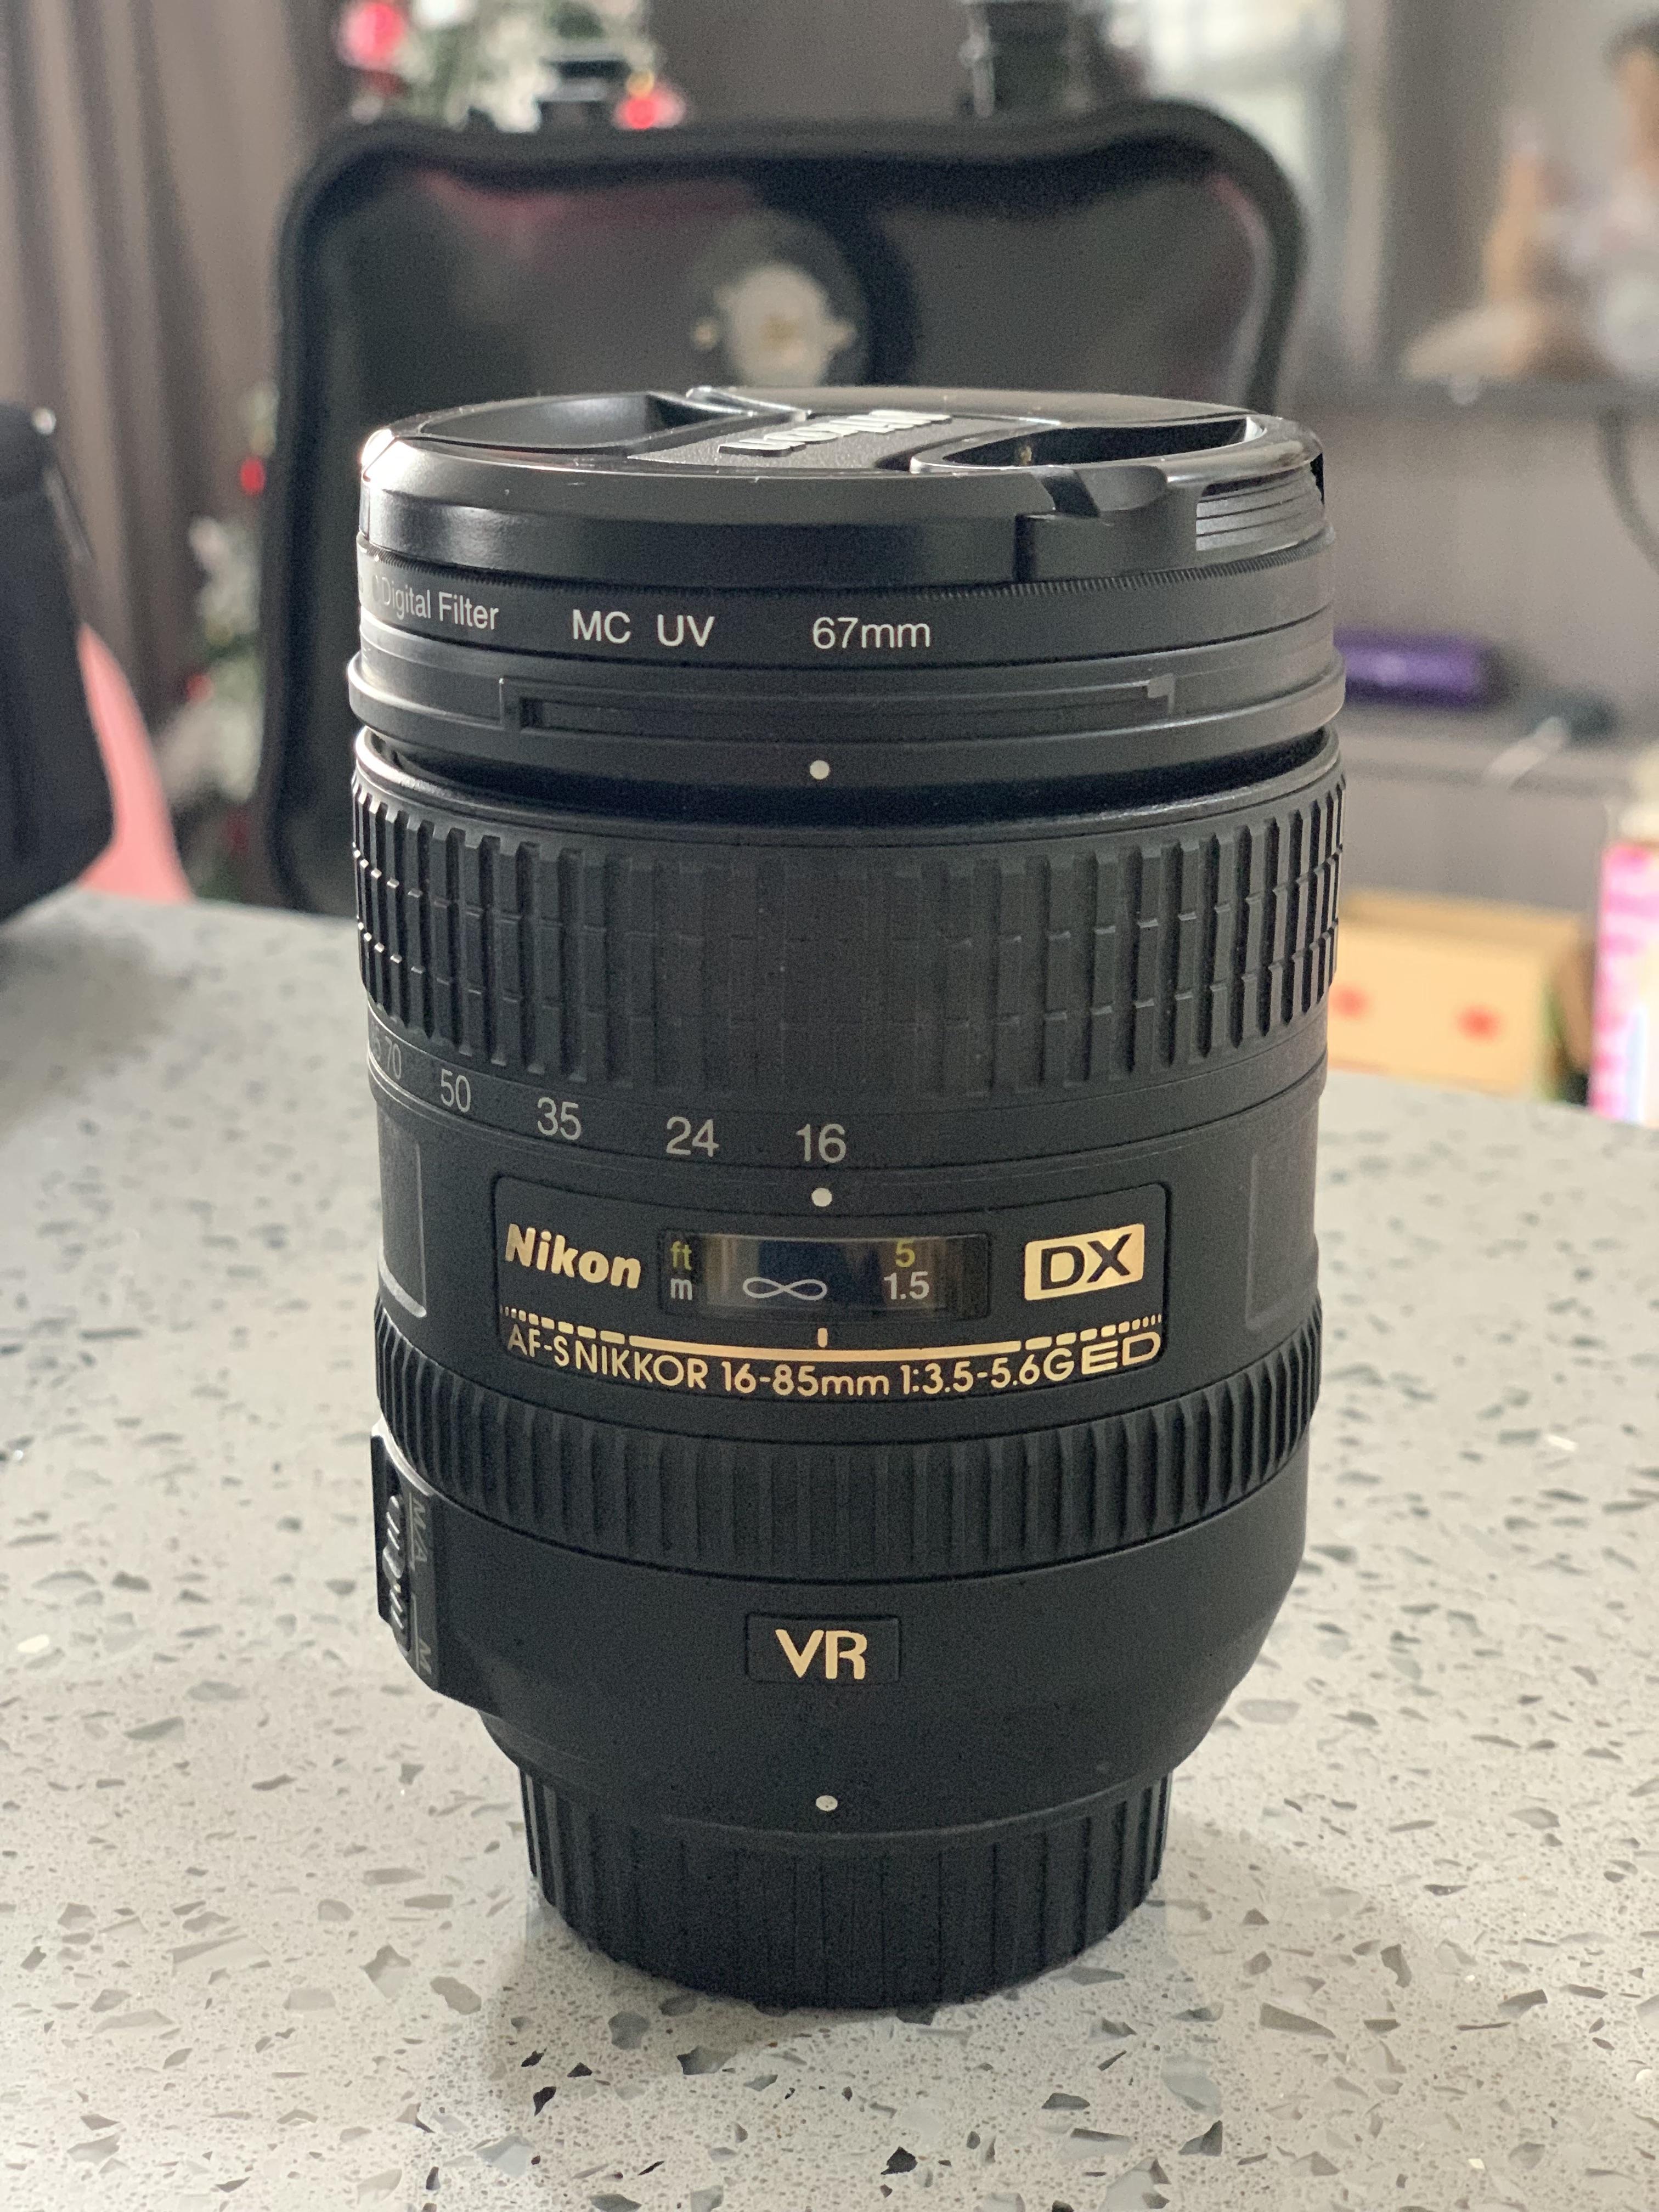 16-85mm f3.5